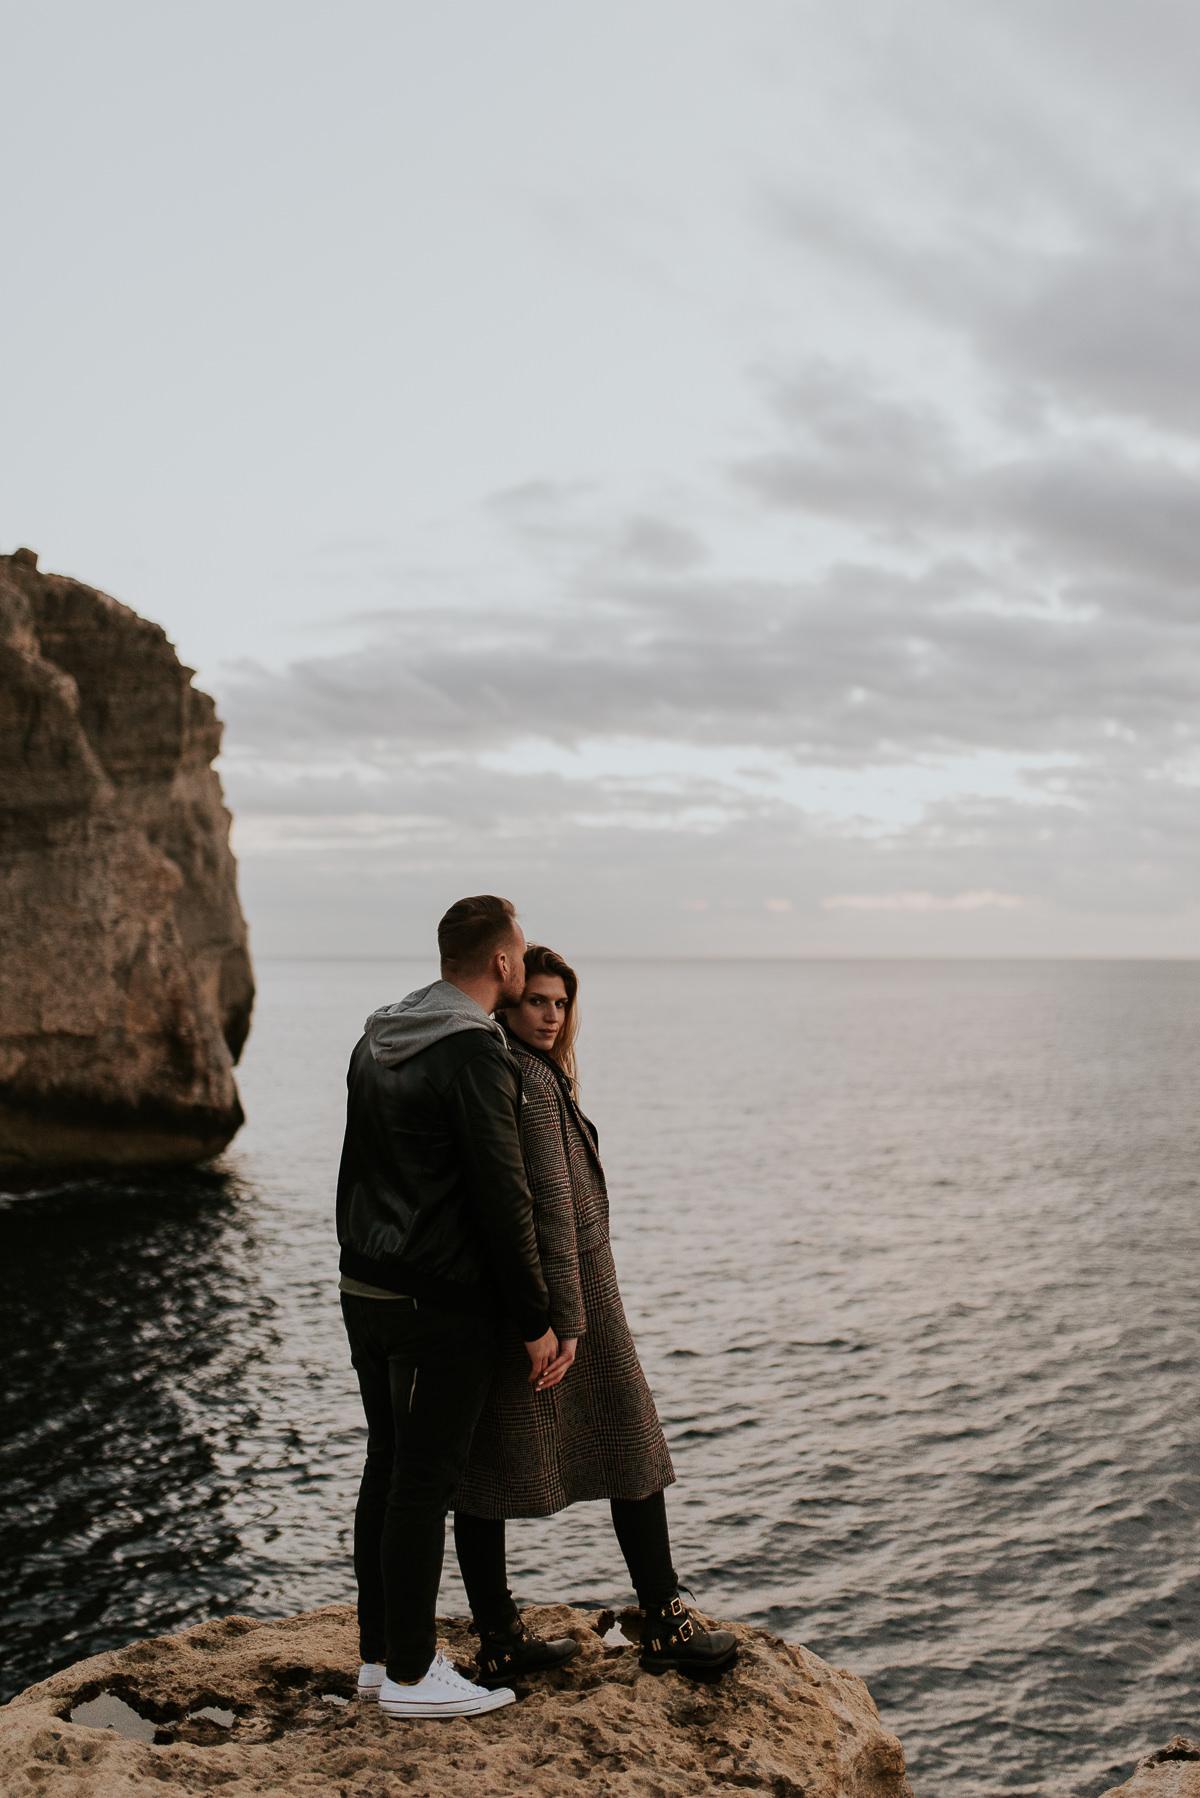 malta_zarocno_fotografiranje (119)